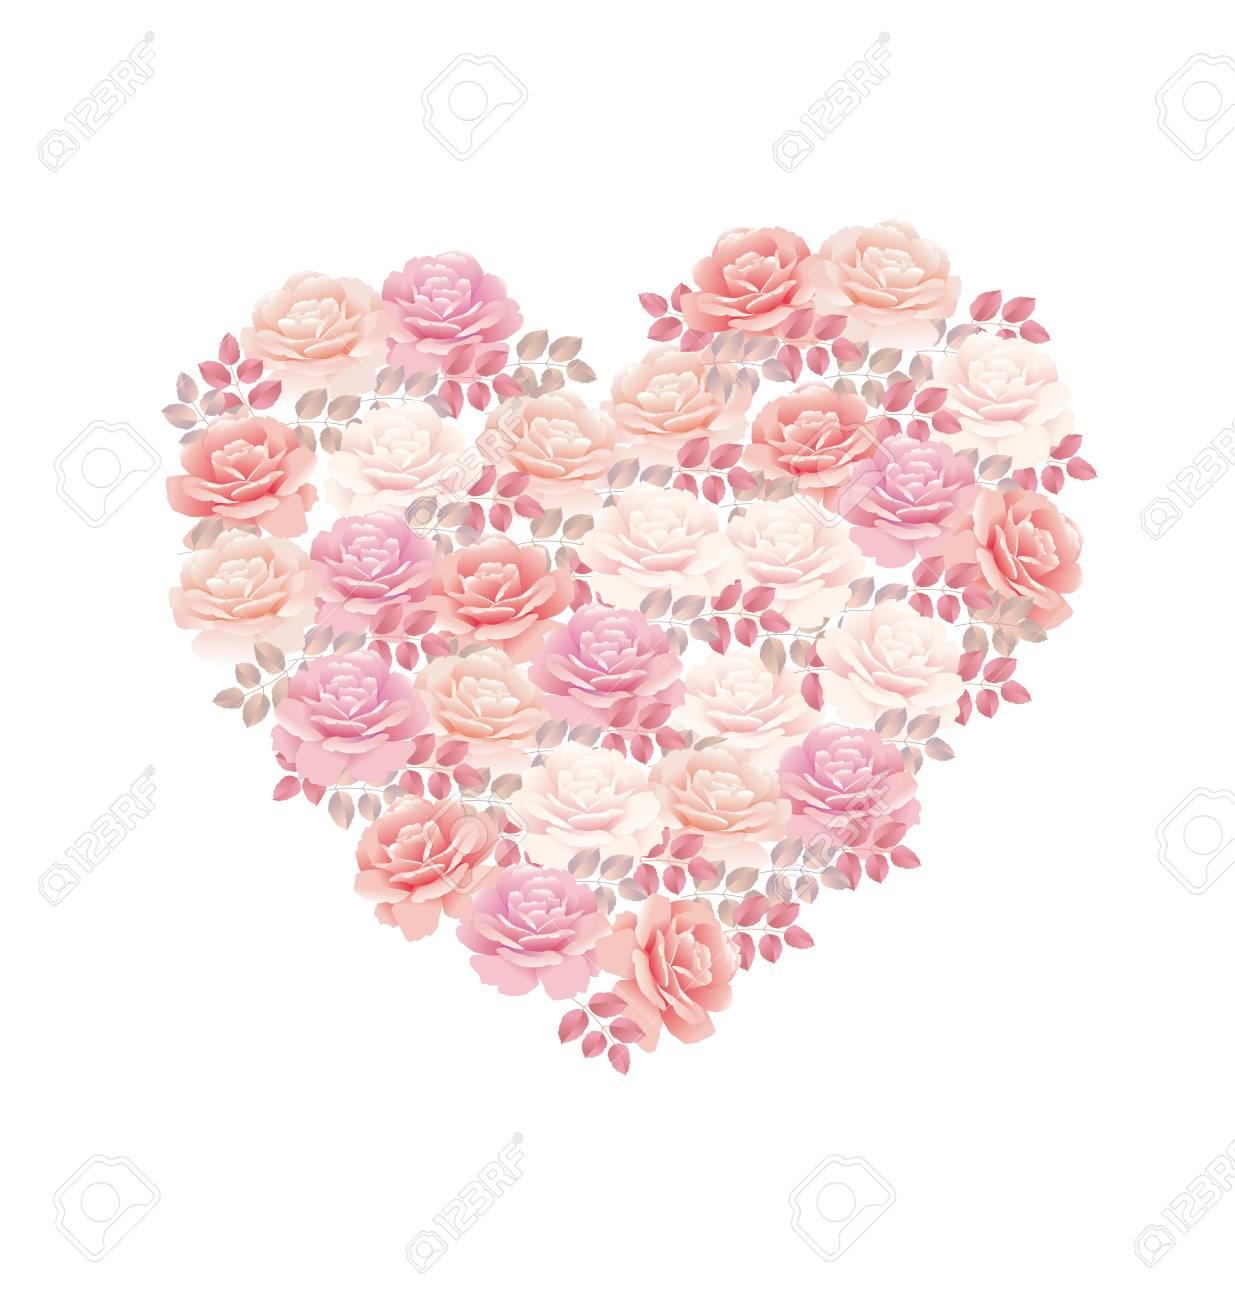 4045ce5074bd tender color pink rose bouquet in heart shape. elegant vector illustration  design element for valentines